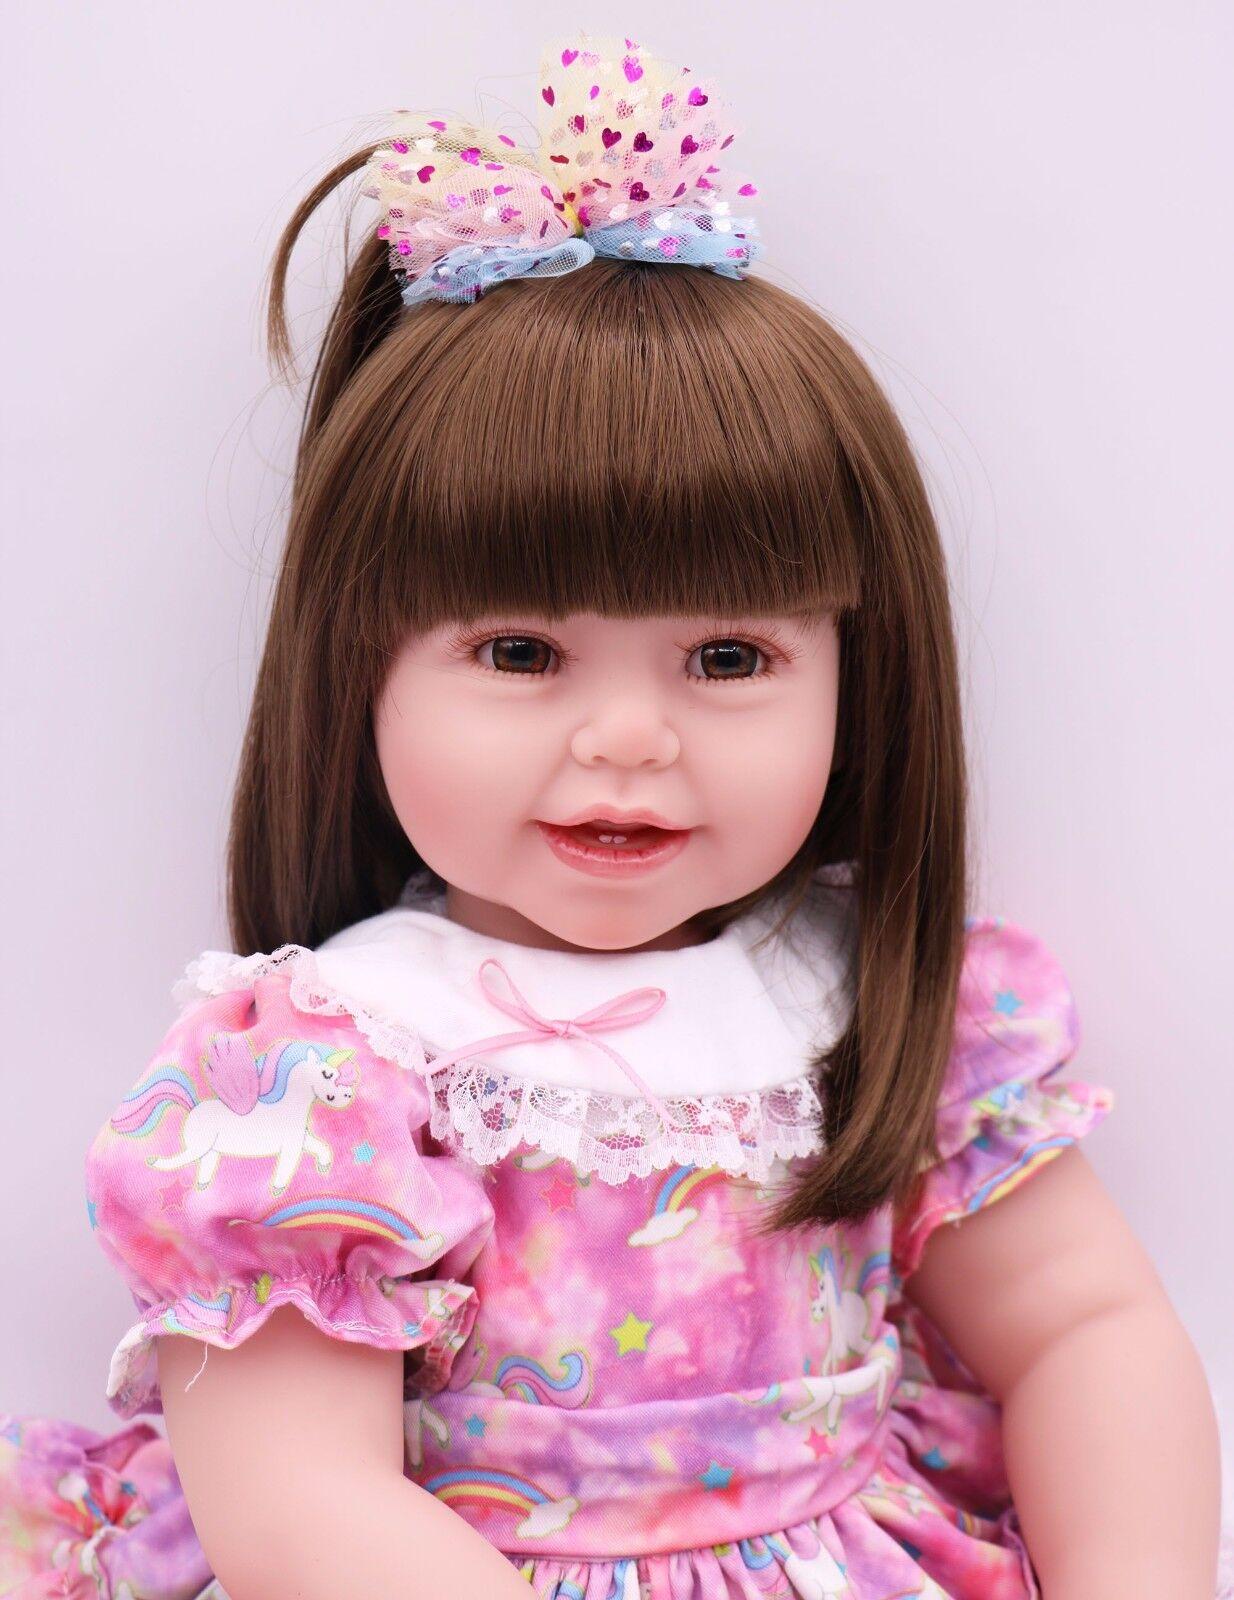 Nuevo Lindo Silicona Reborn Baby Toddler De Vinilo De 24  Muñecas realista muñecas Hedi Regalo